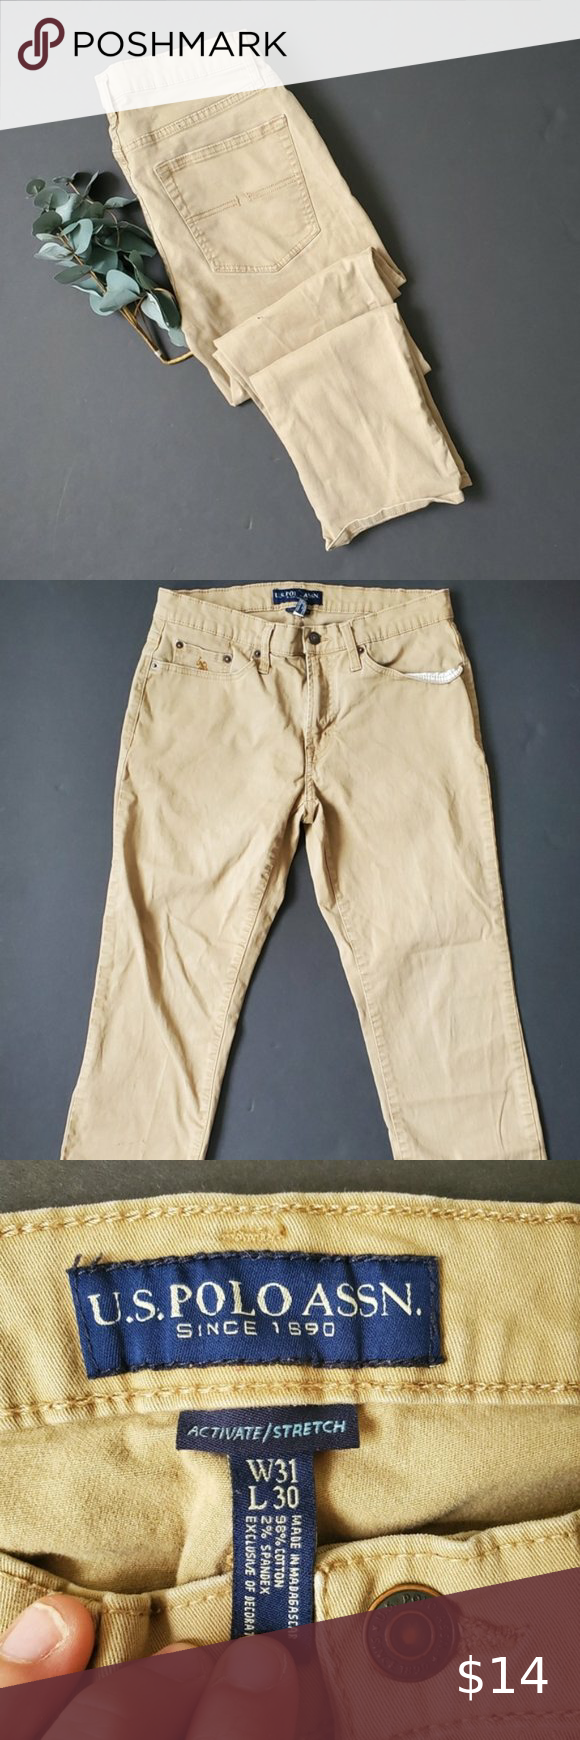 Us Polo Assassin Khaki Pants Khaki Pants Khaki Khaki Chino Pants